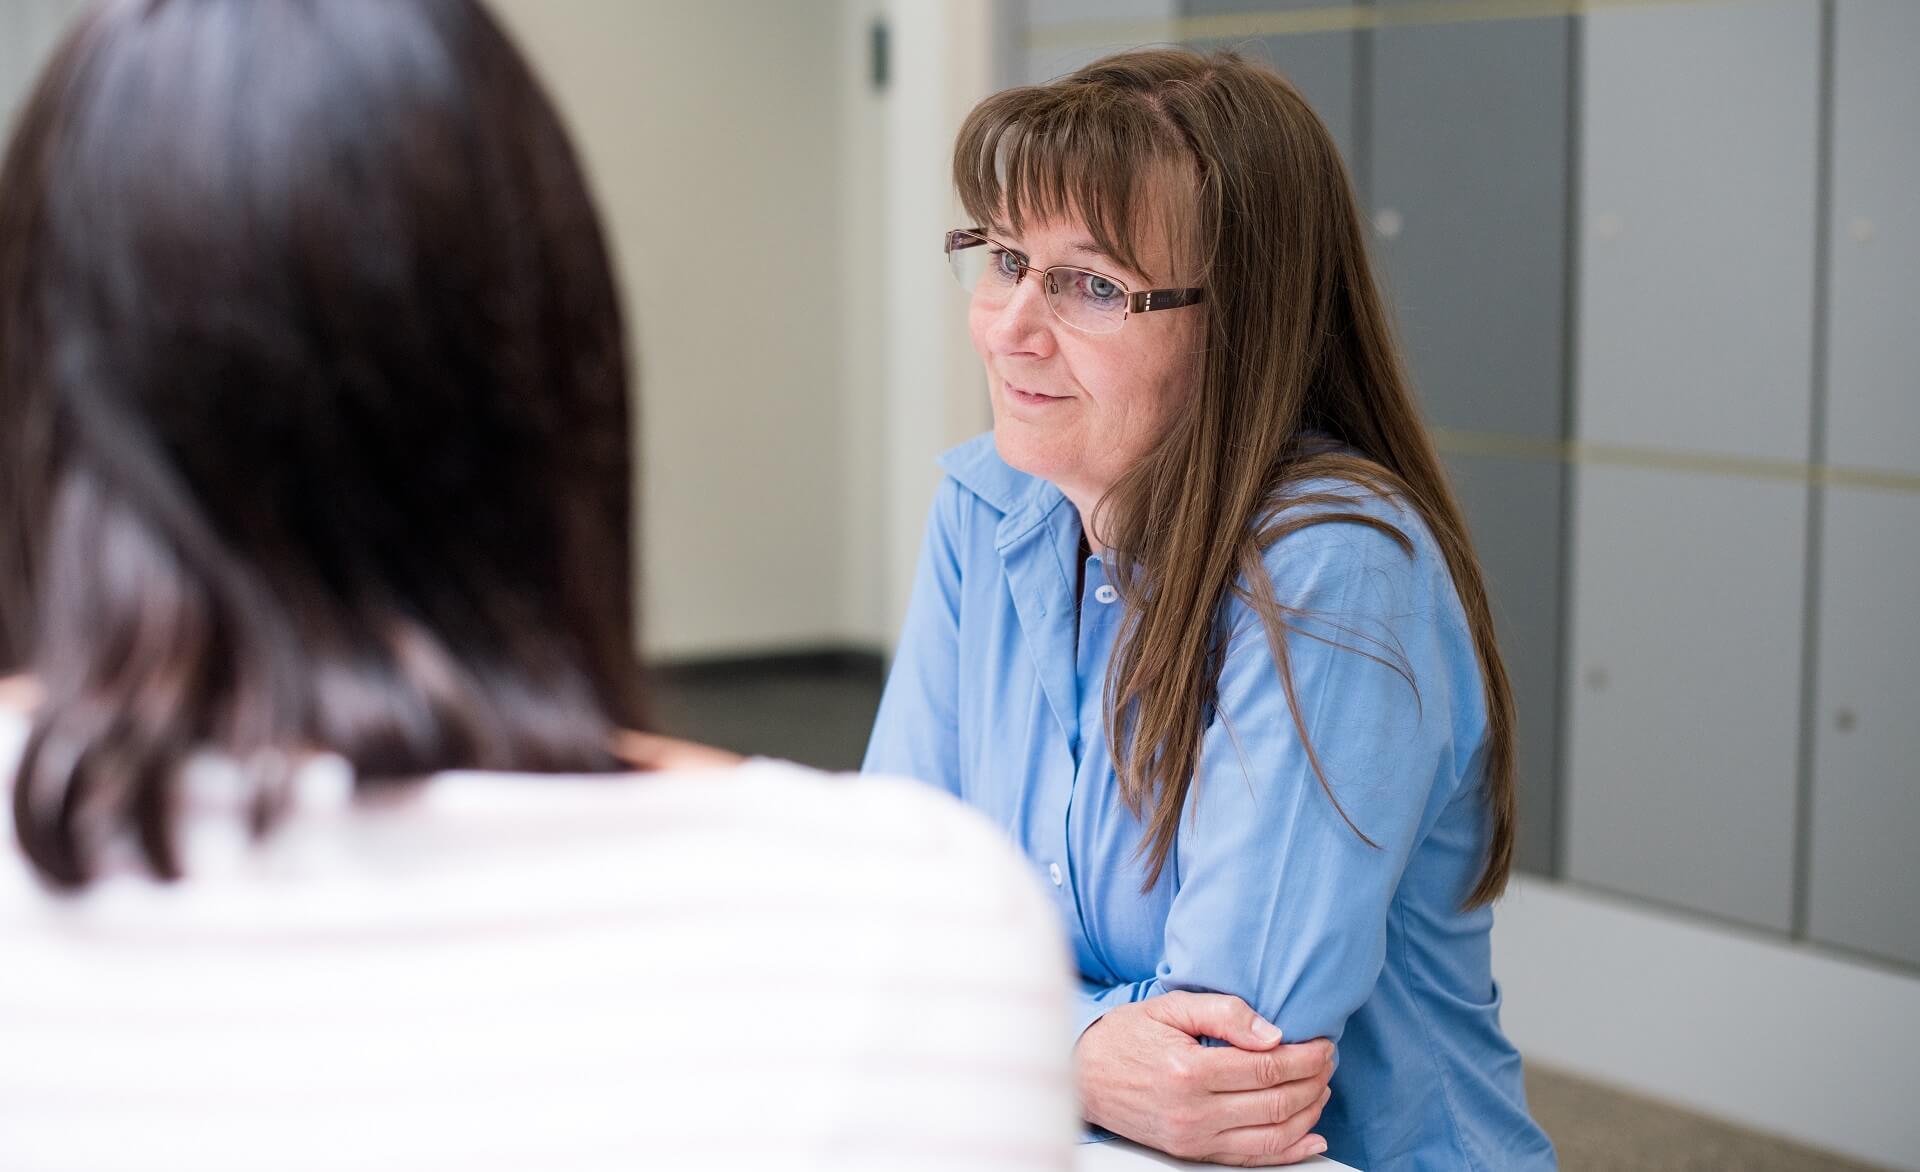 Diplomlehrgang für Berufsbildner/-innen mit SBFI-Anerkennung